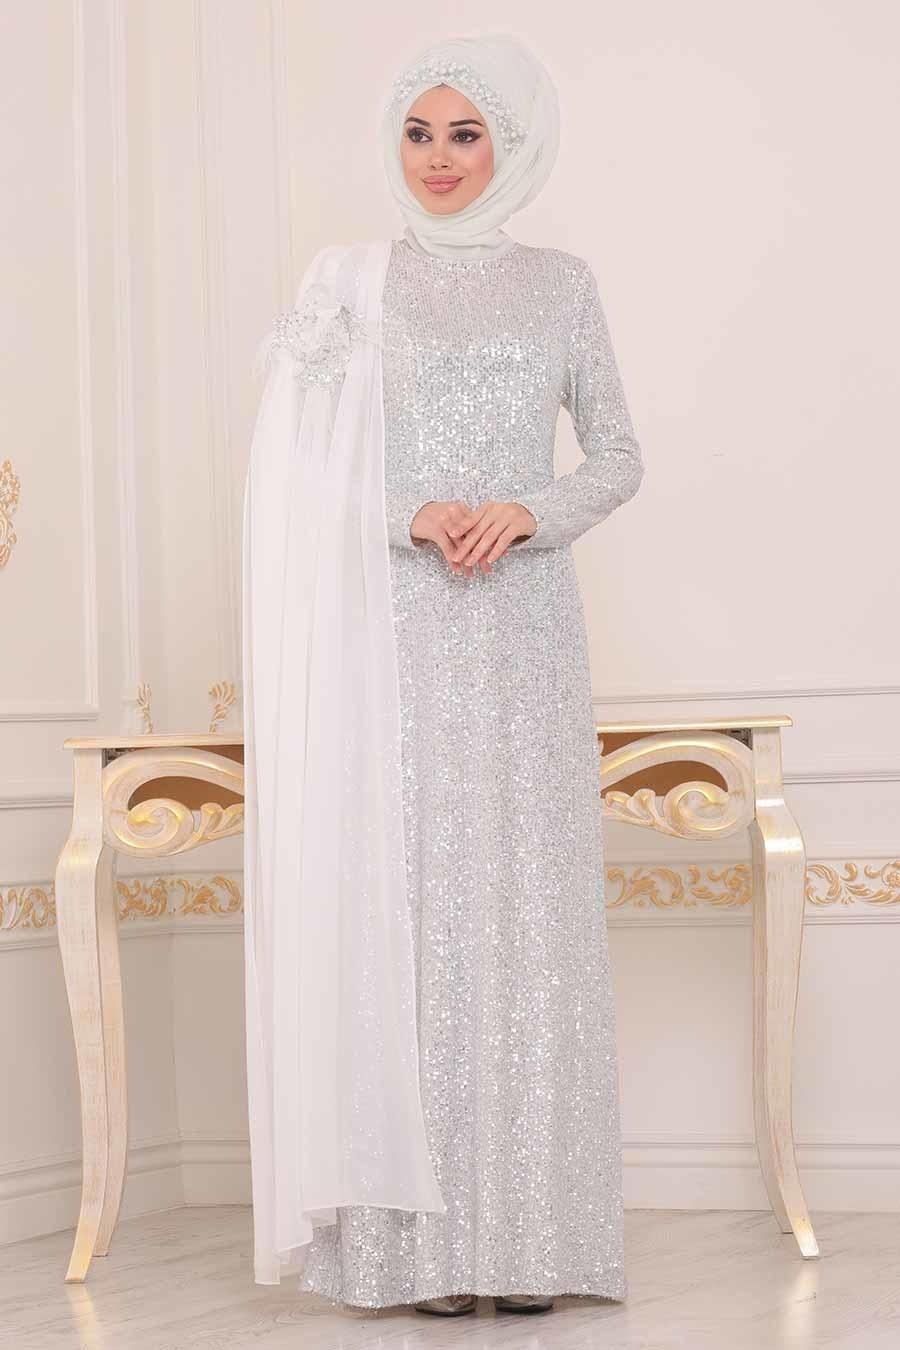 Tesettürlü Abiye Elbise - Pul Payetli Beyaz Tesettür Abiye Elbise 86150B